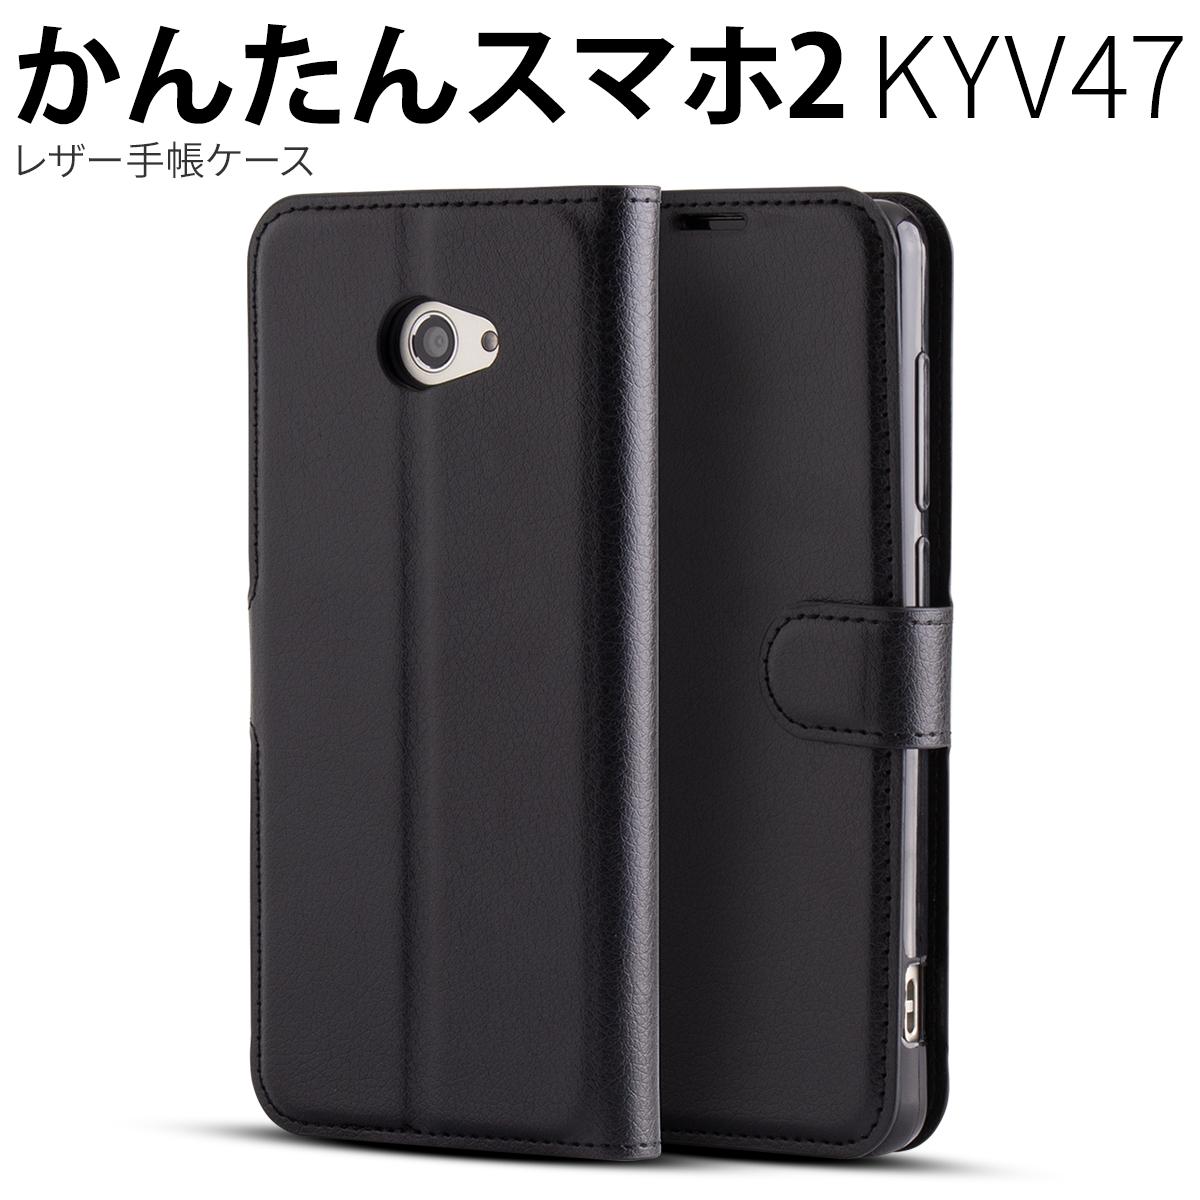 かんたんスマホ2 A001KC BASIO4 KYV47 レザー手帳型ケース